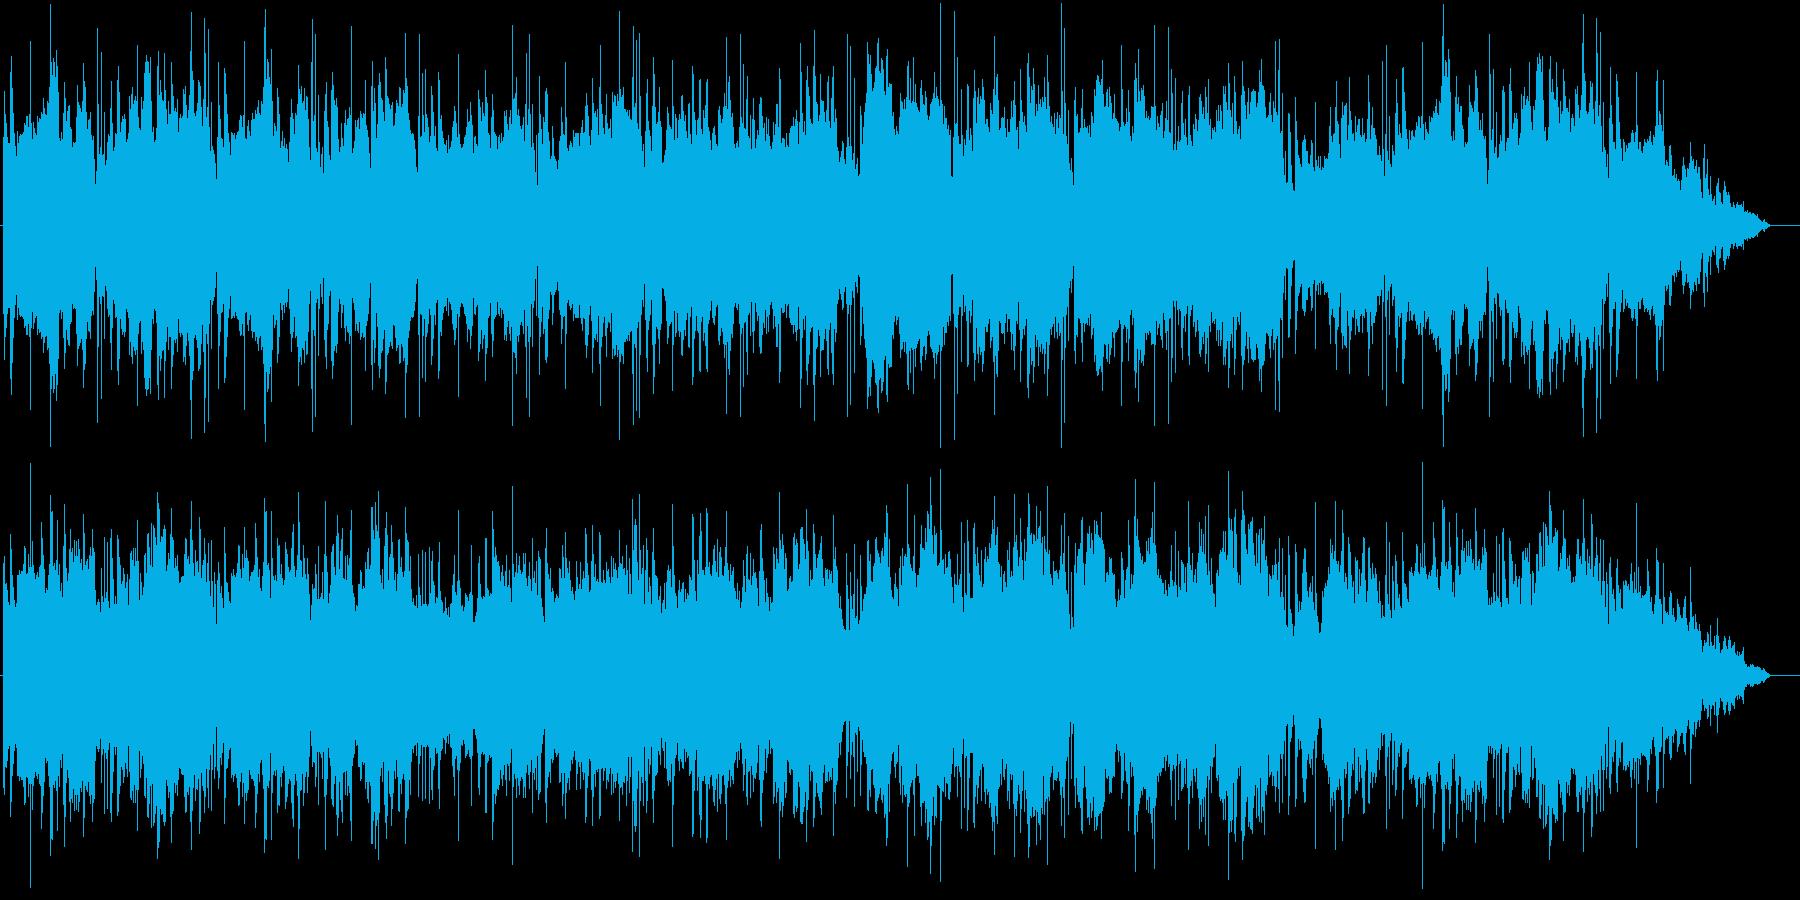 木管とストリングスの海を漂うような曲の再生済みの波形